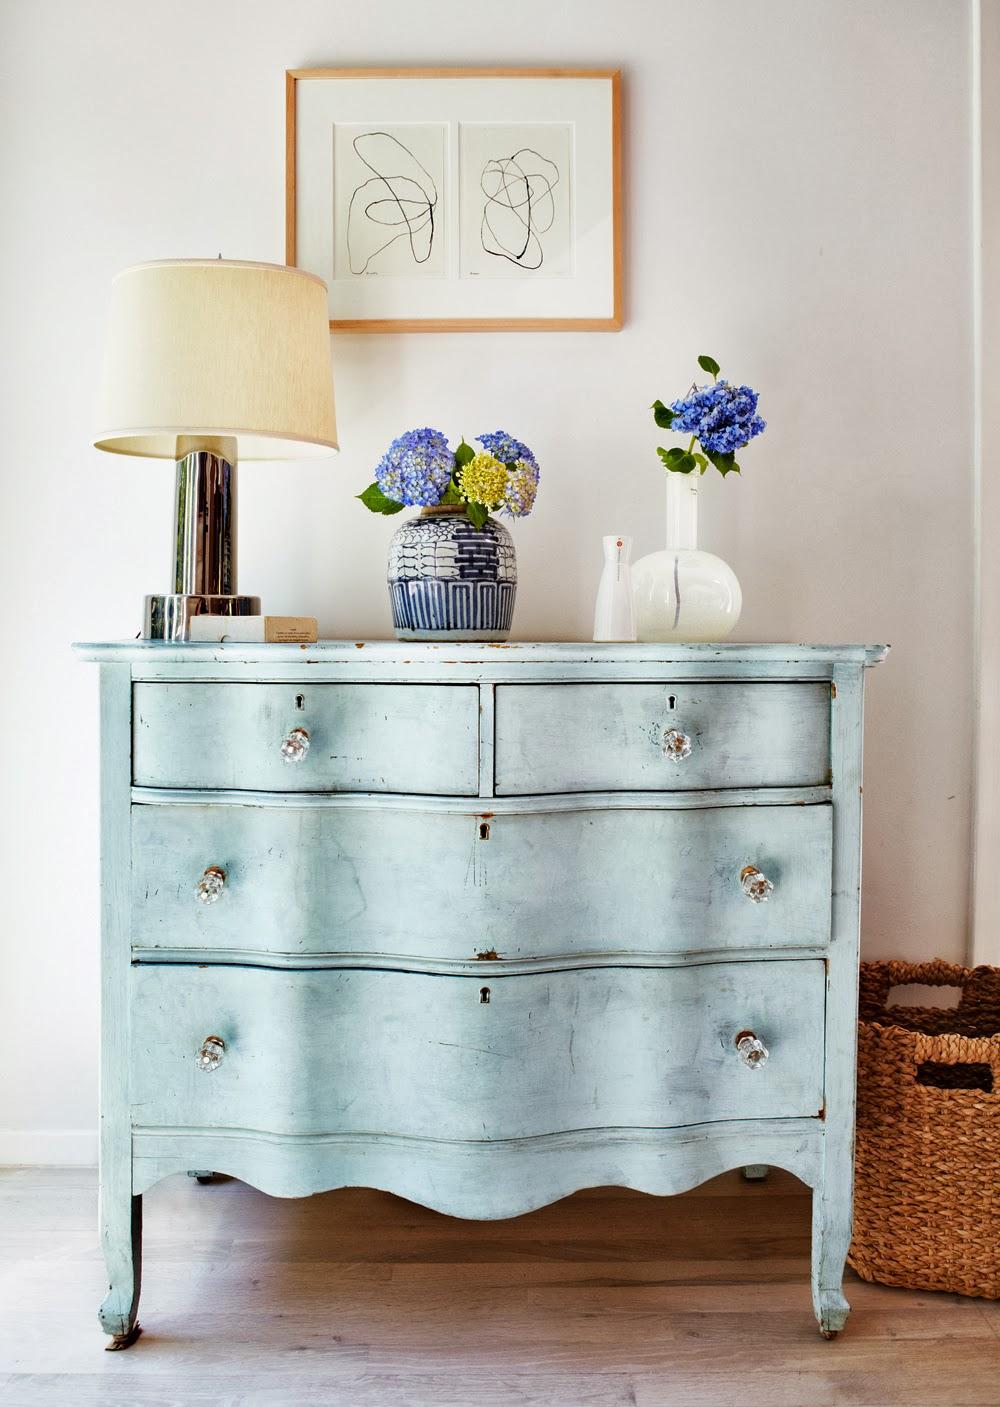 Decotips renovamos la c moda propuestas inspiradoras - La comoda muebles ...